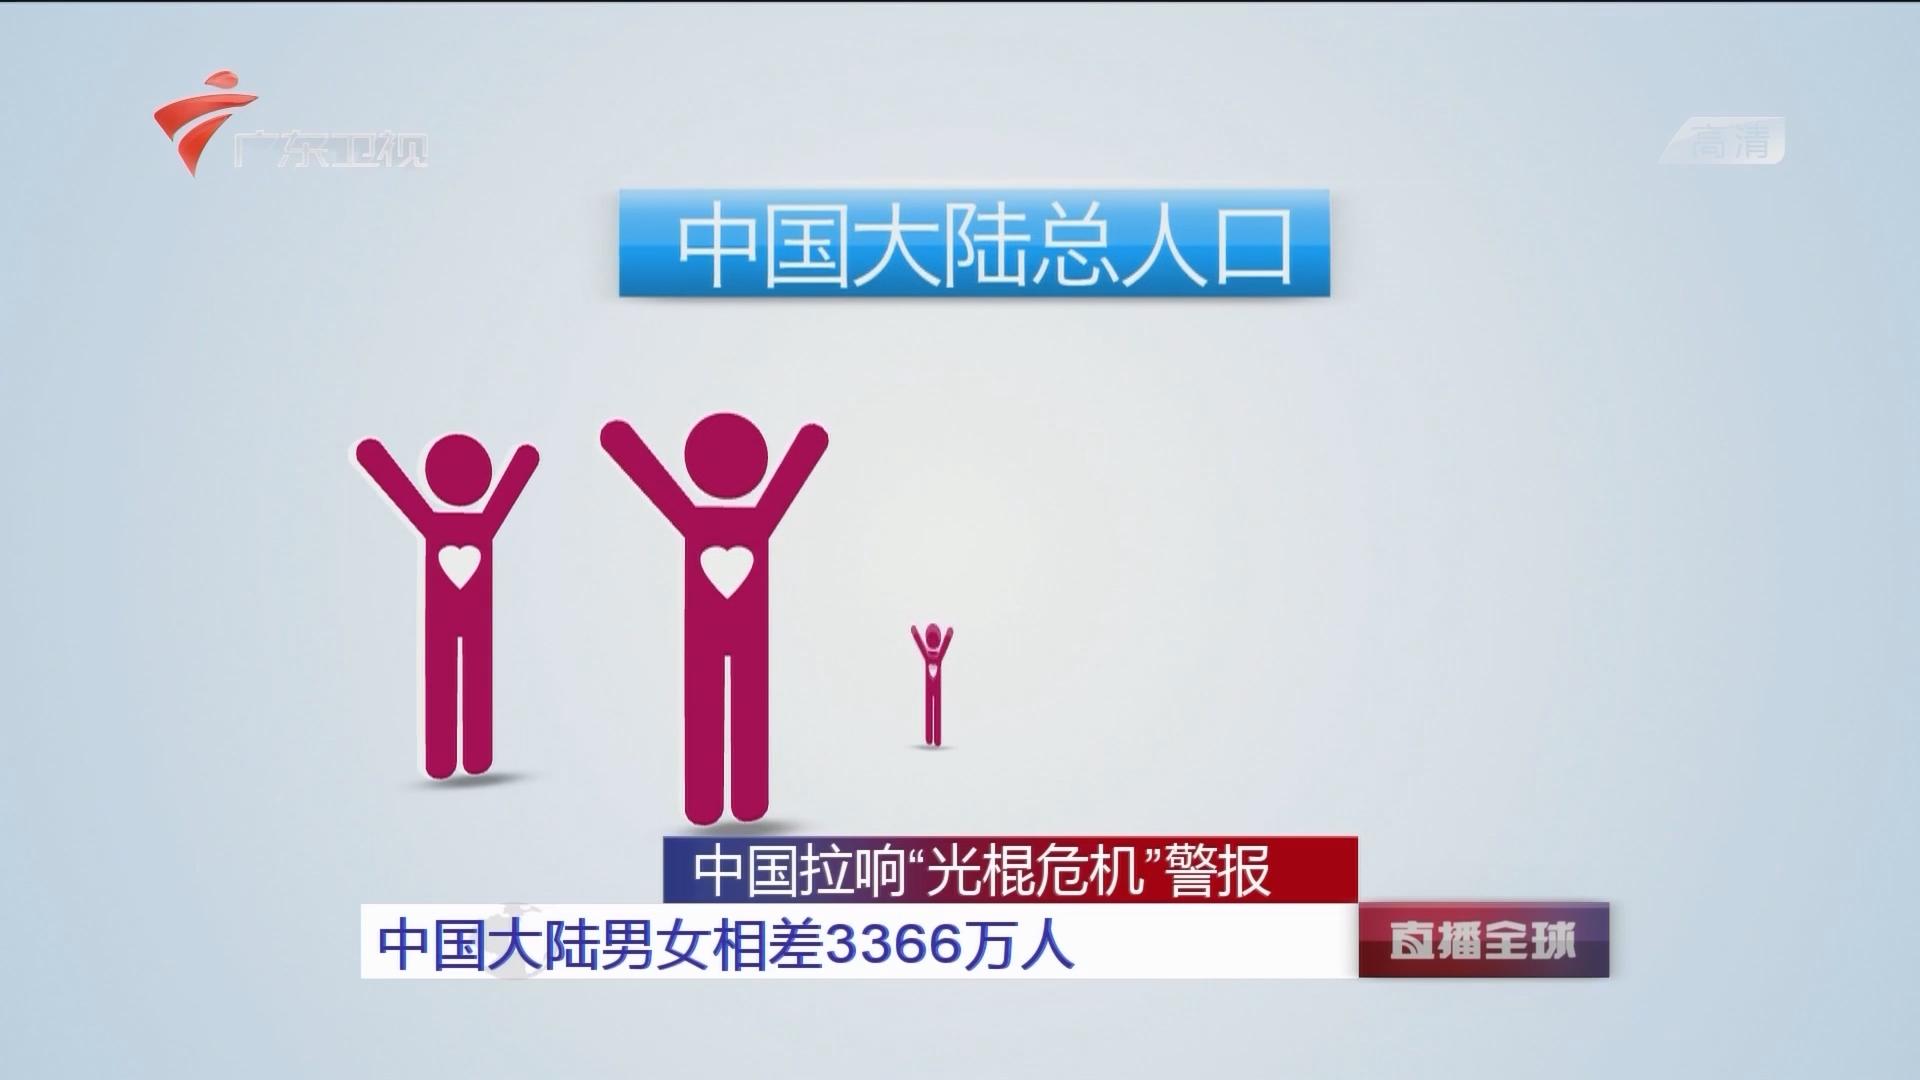 """中国拉响""""光棍危机""""警报 中国大陆男女相差3366万人"""